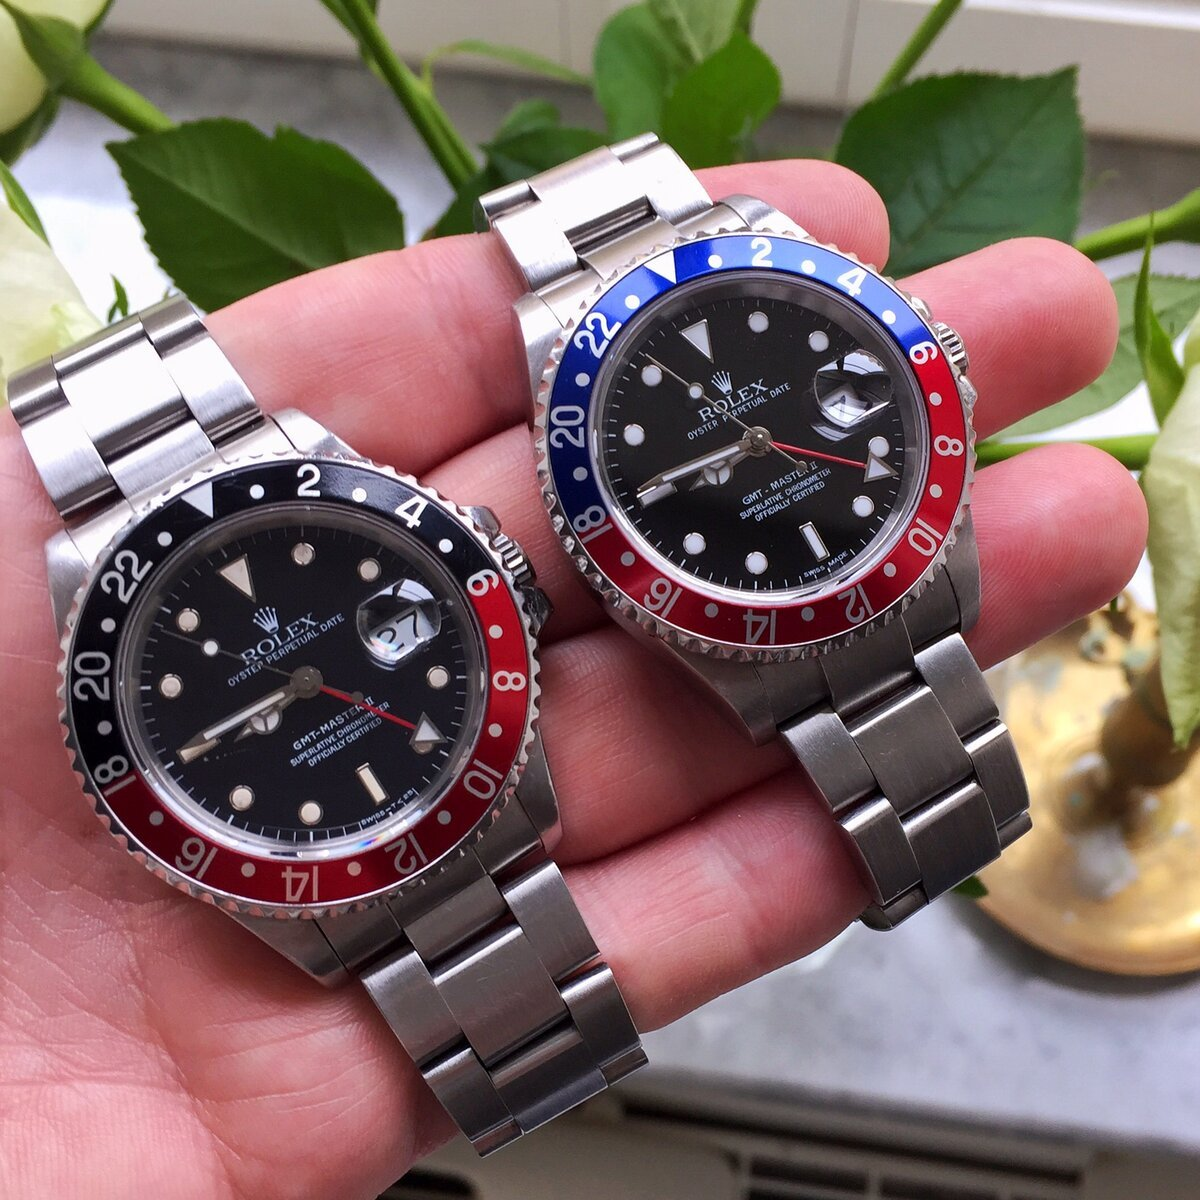 C2282954-D829-42AA-A52D-7E576A6058B4.